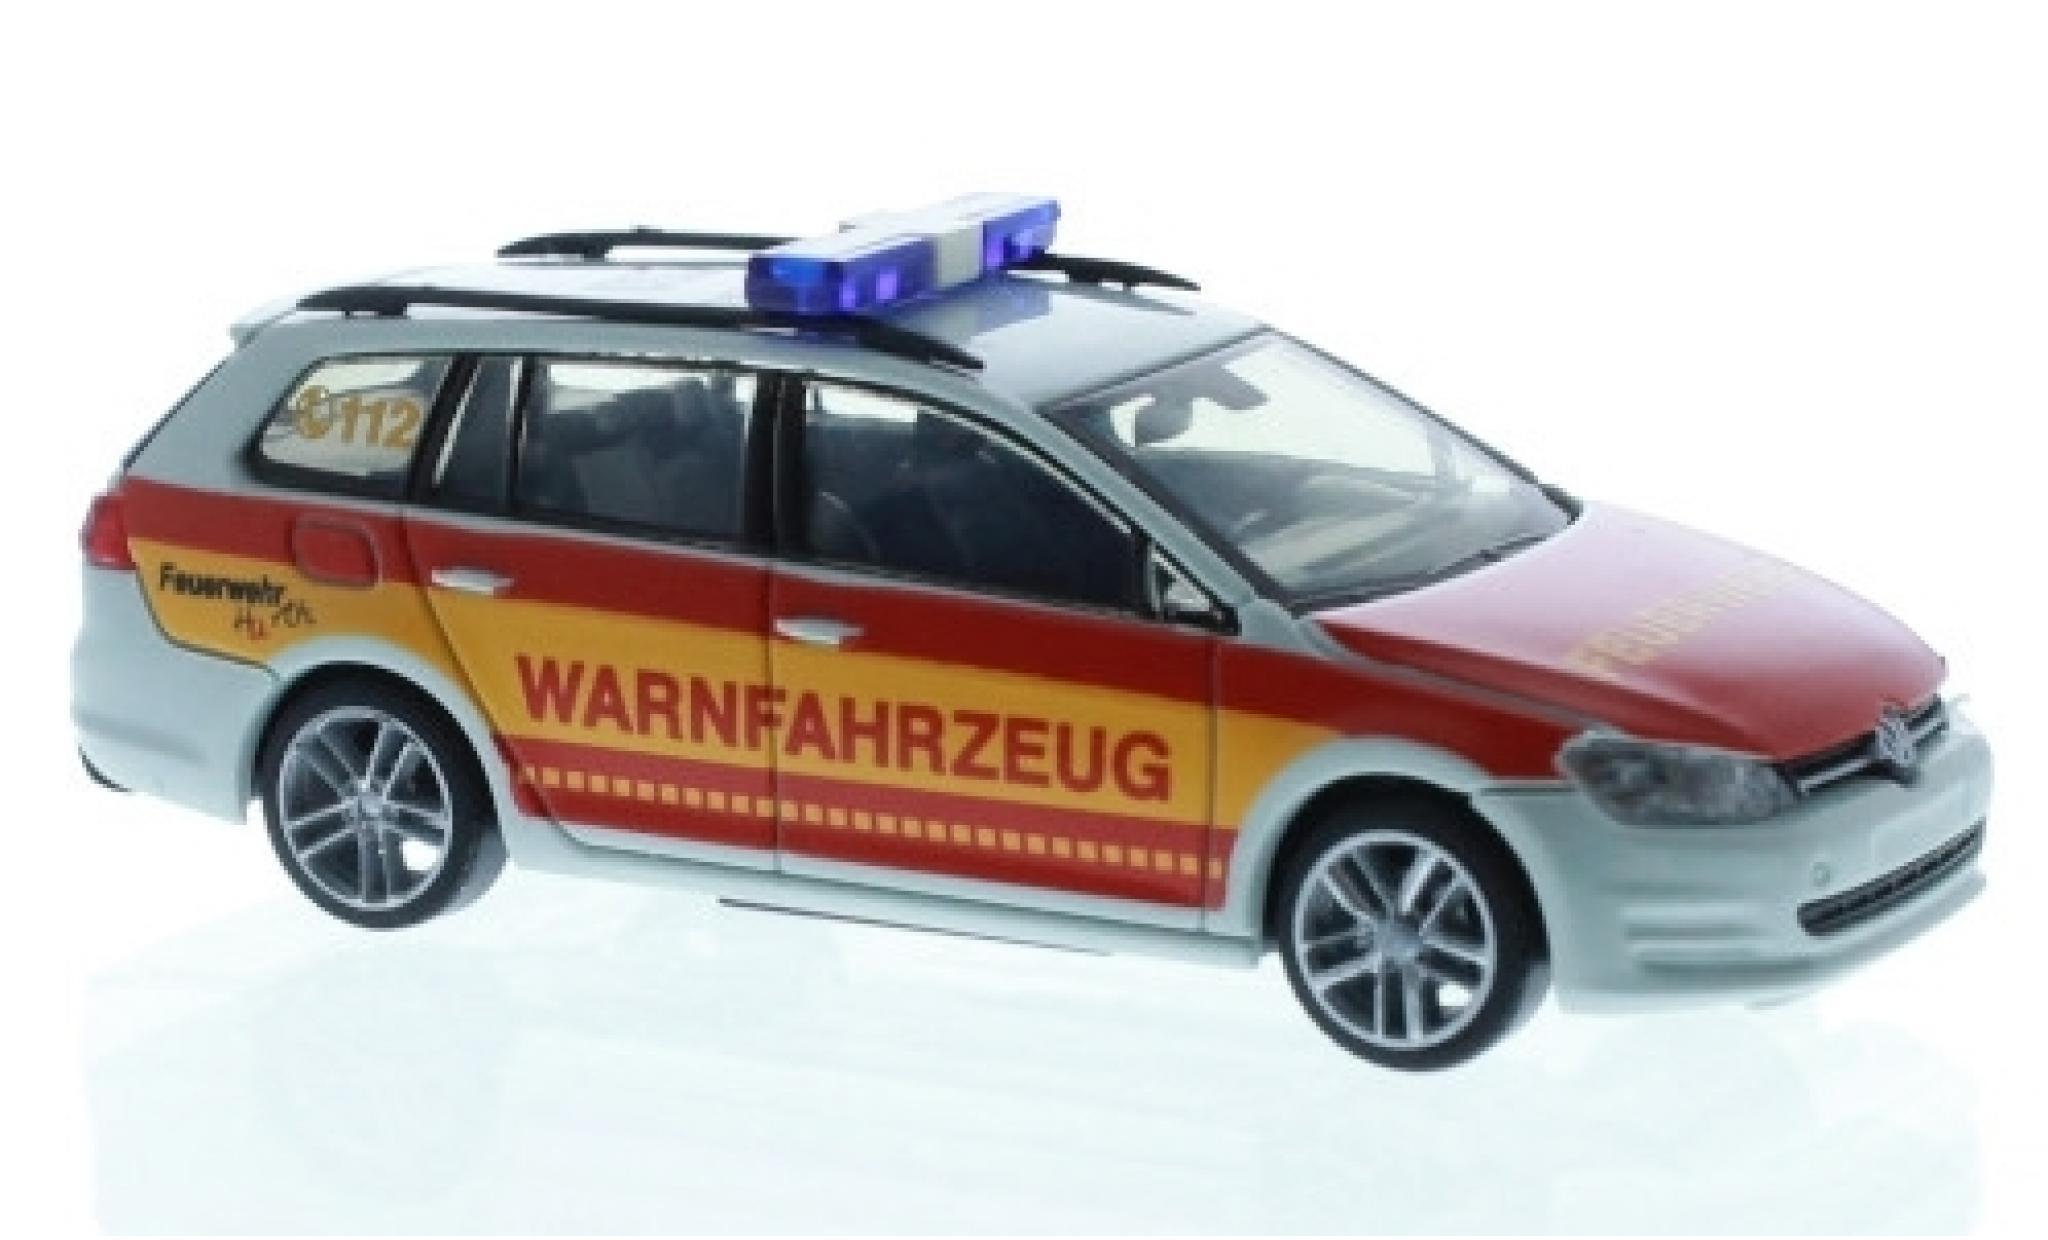 Volkswagen Golf 1/87 Rietze VII Variant Feuerwehr Hürth Warnfahrzeug